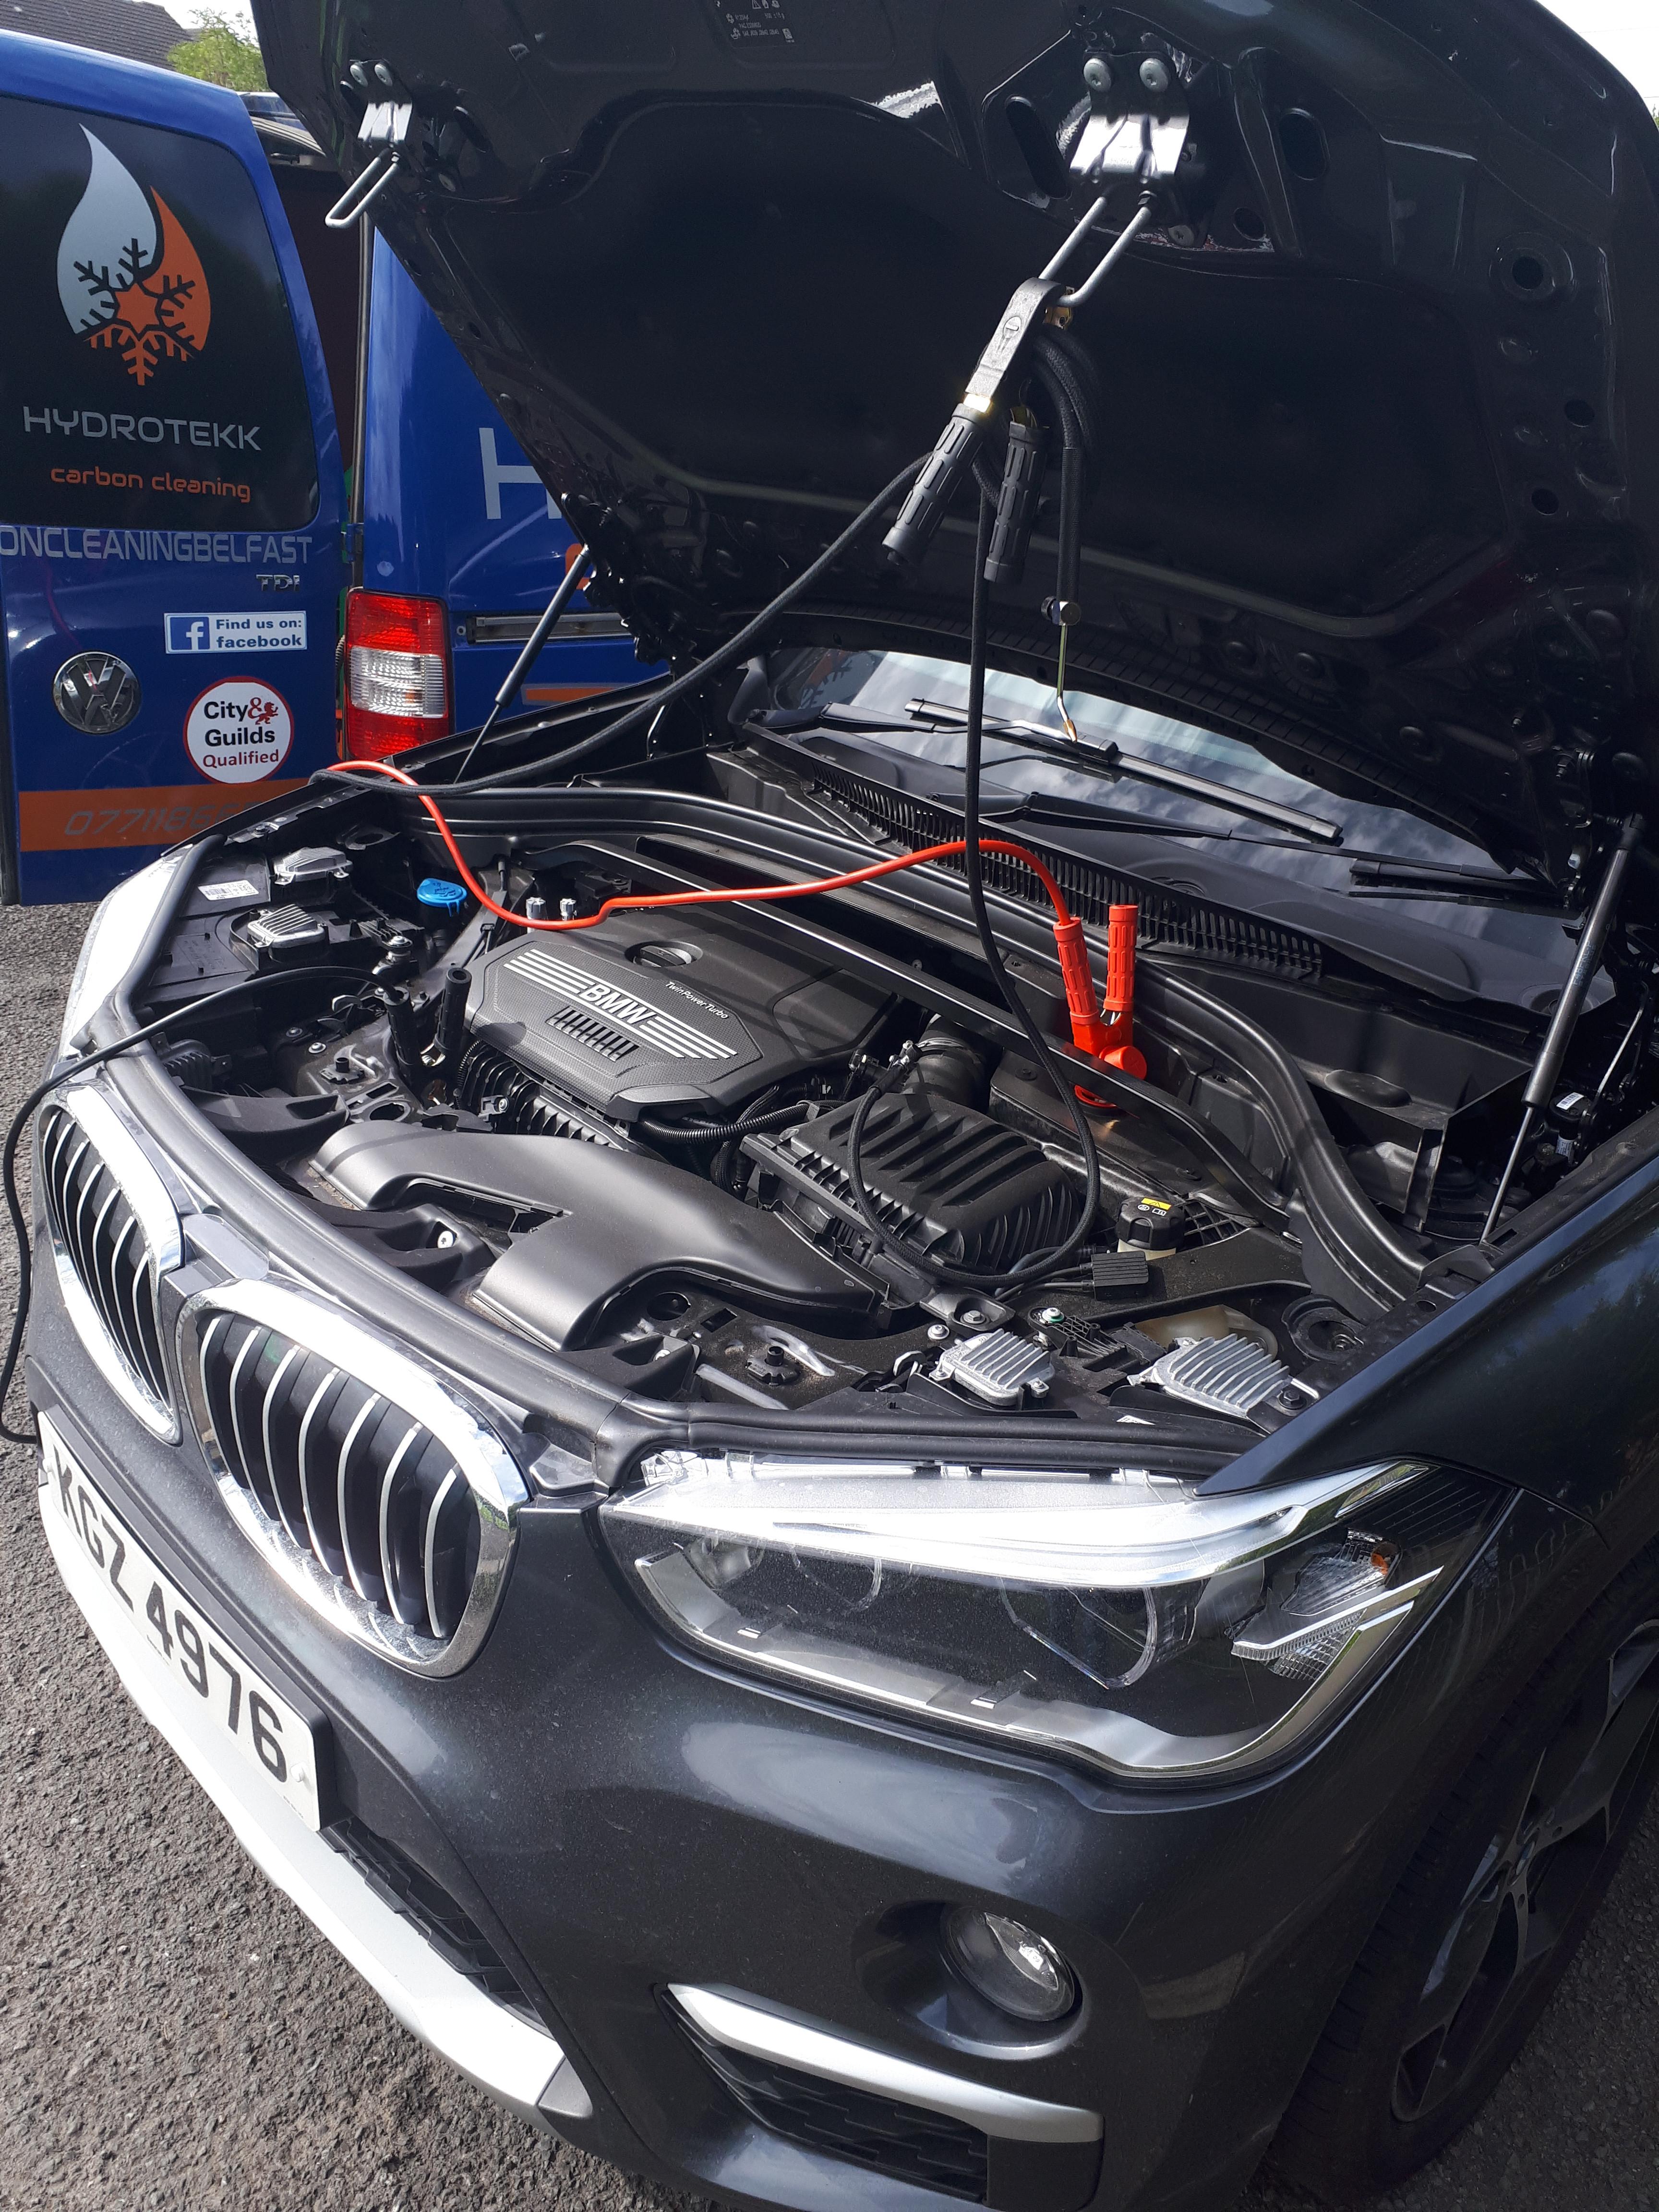 Engine carbon clean 0-1000cc